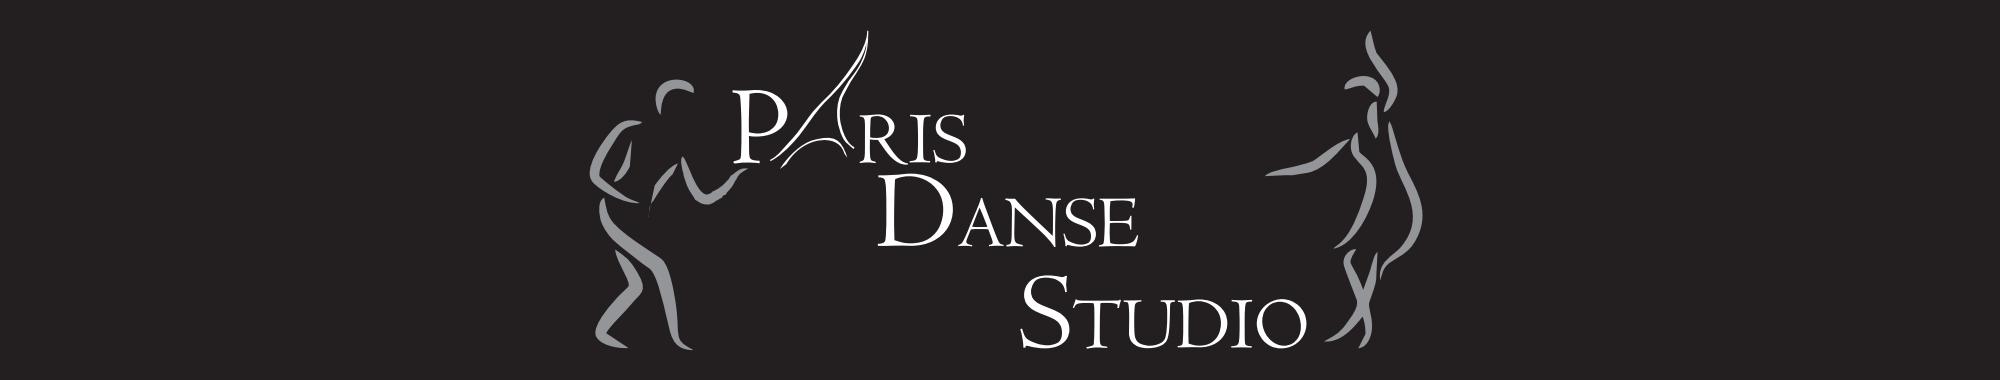 Paris Danse Studio